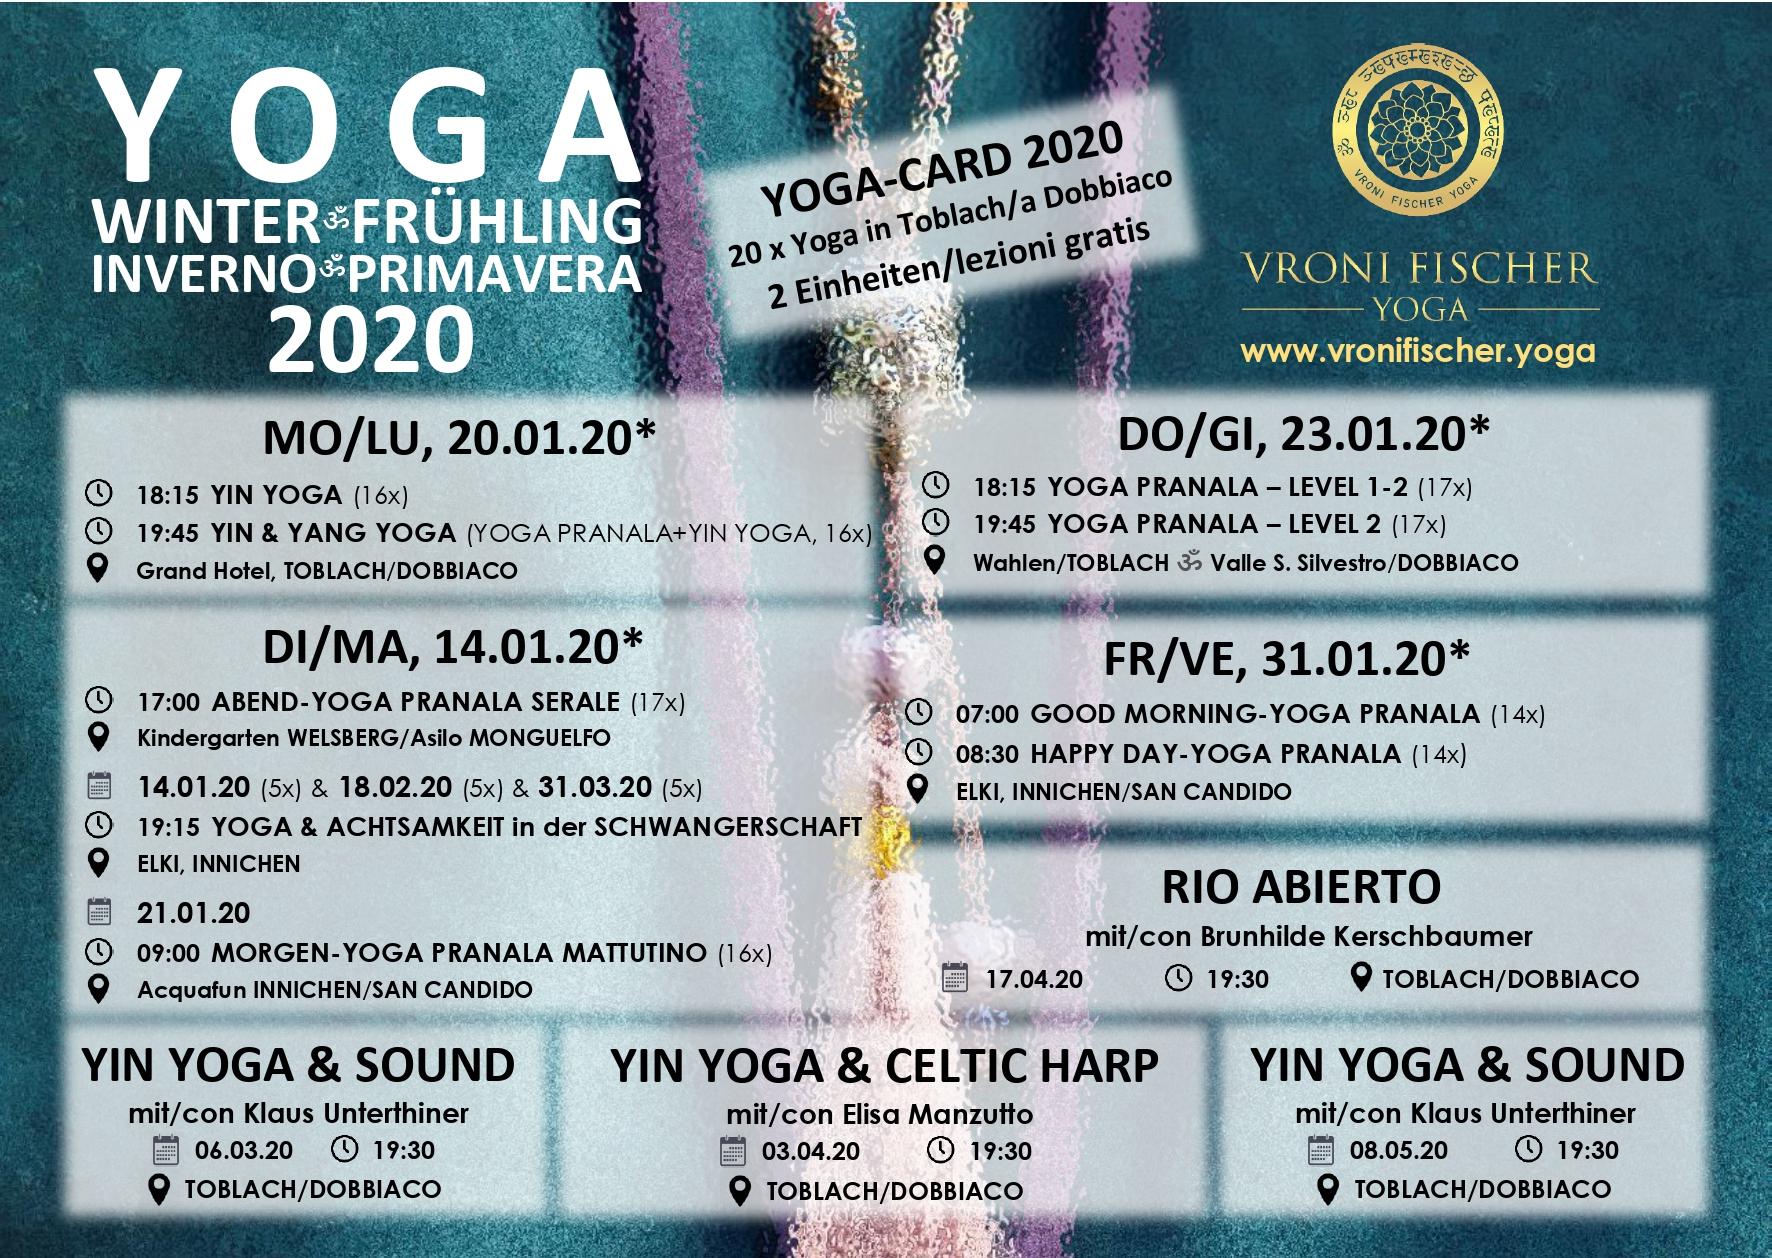 https://www.vronifischer.yoga